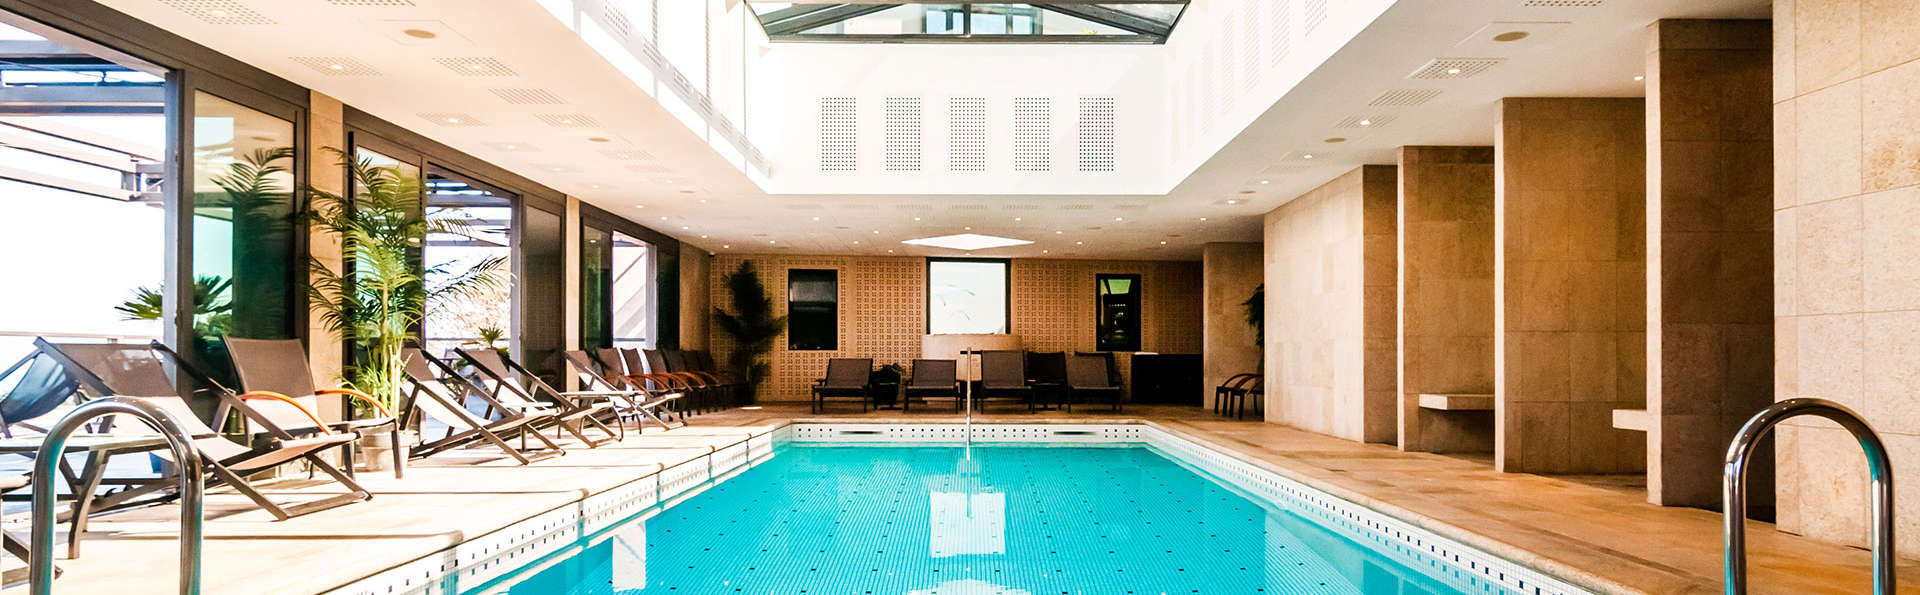 L'Agapa Hotel Spa Nuxe - EDIT_pool8.jpg